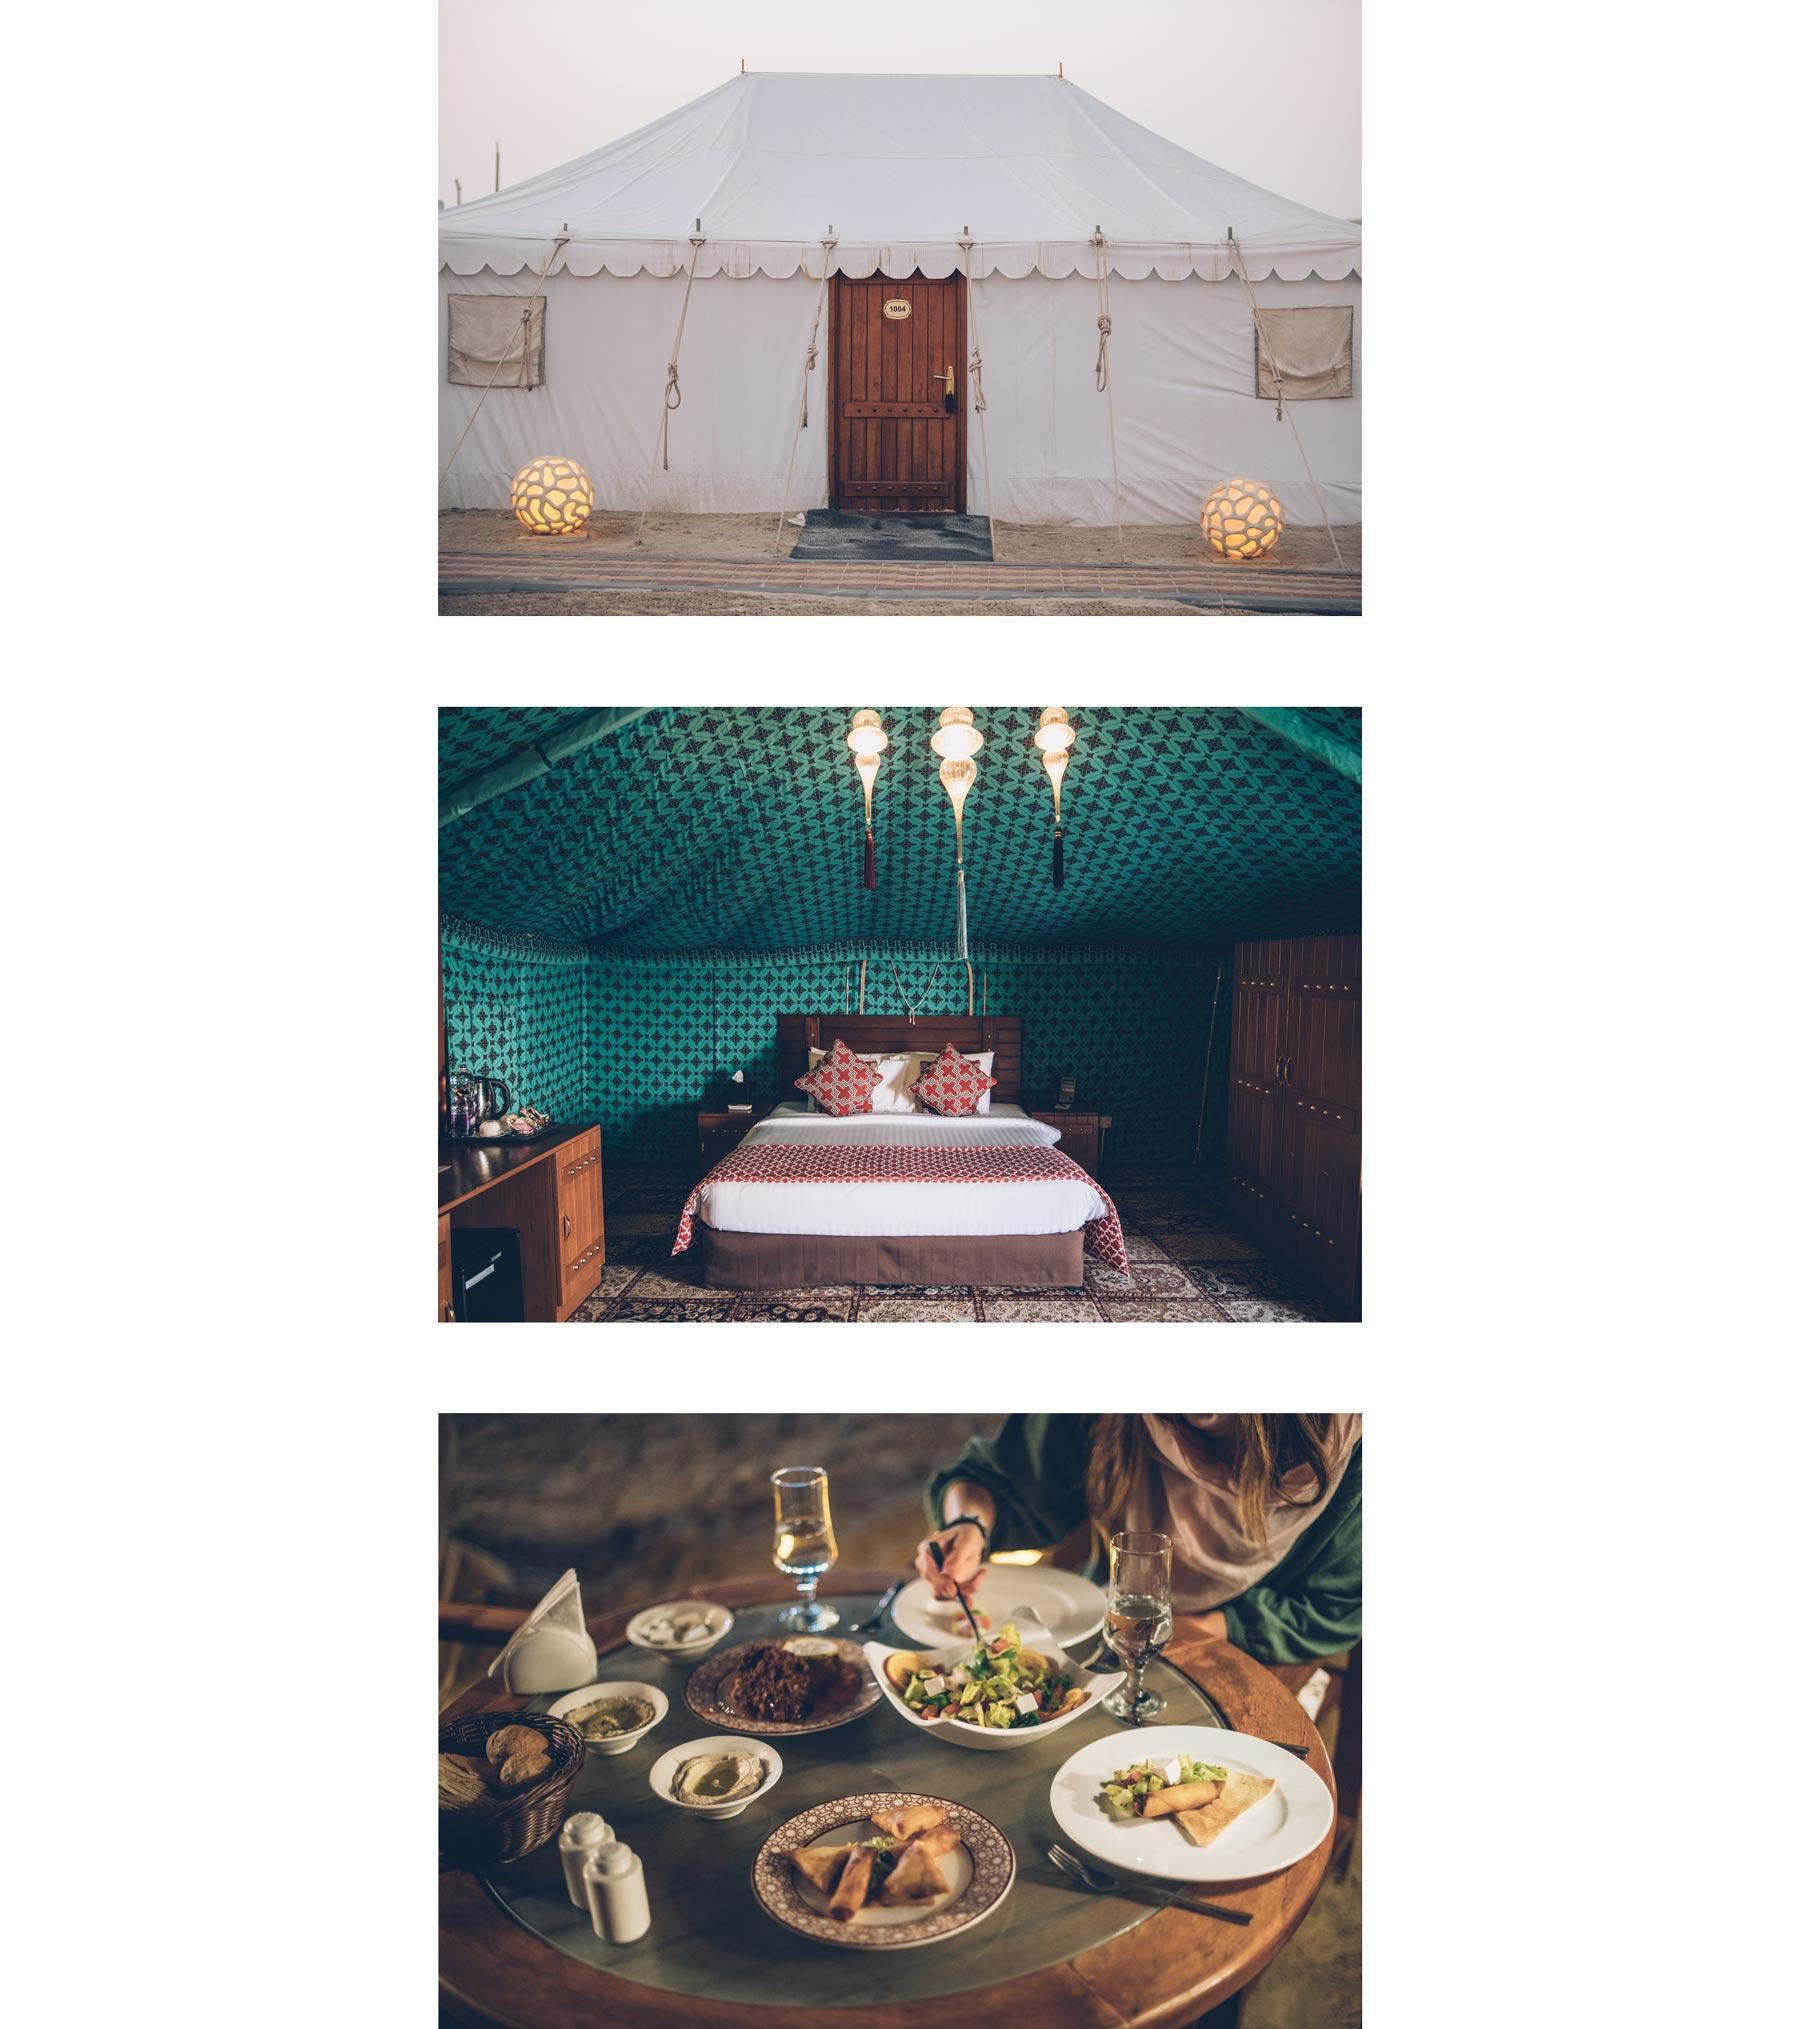 Camp dans le desert du Qatar